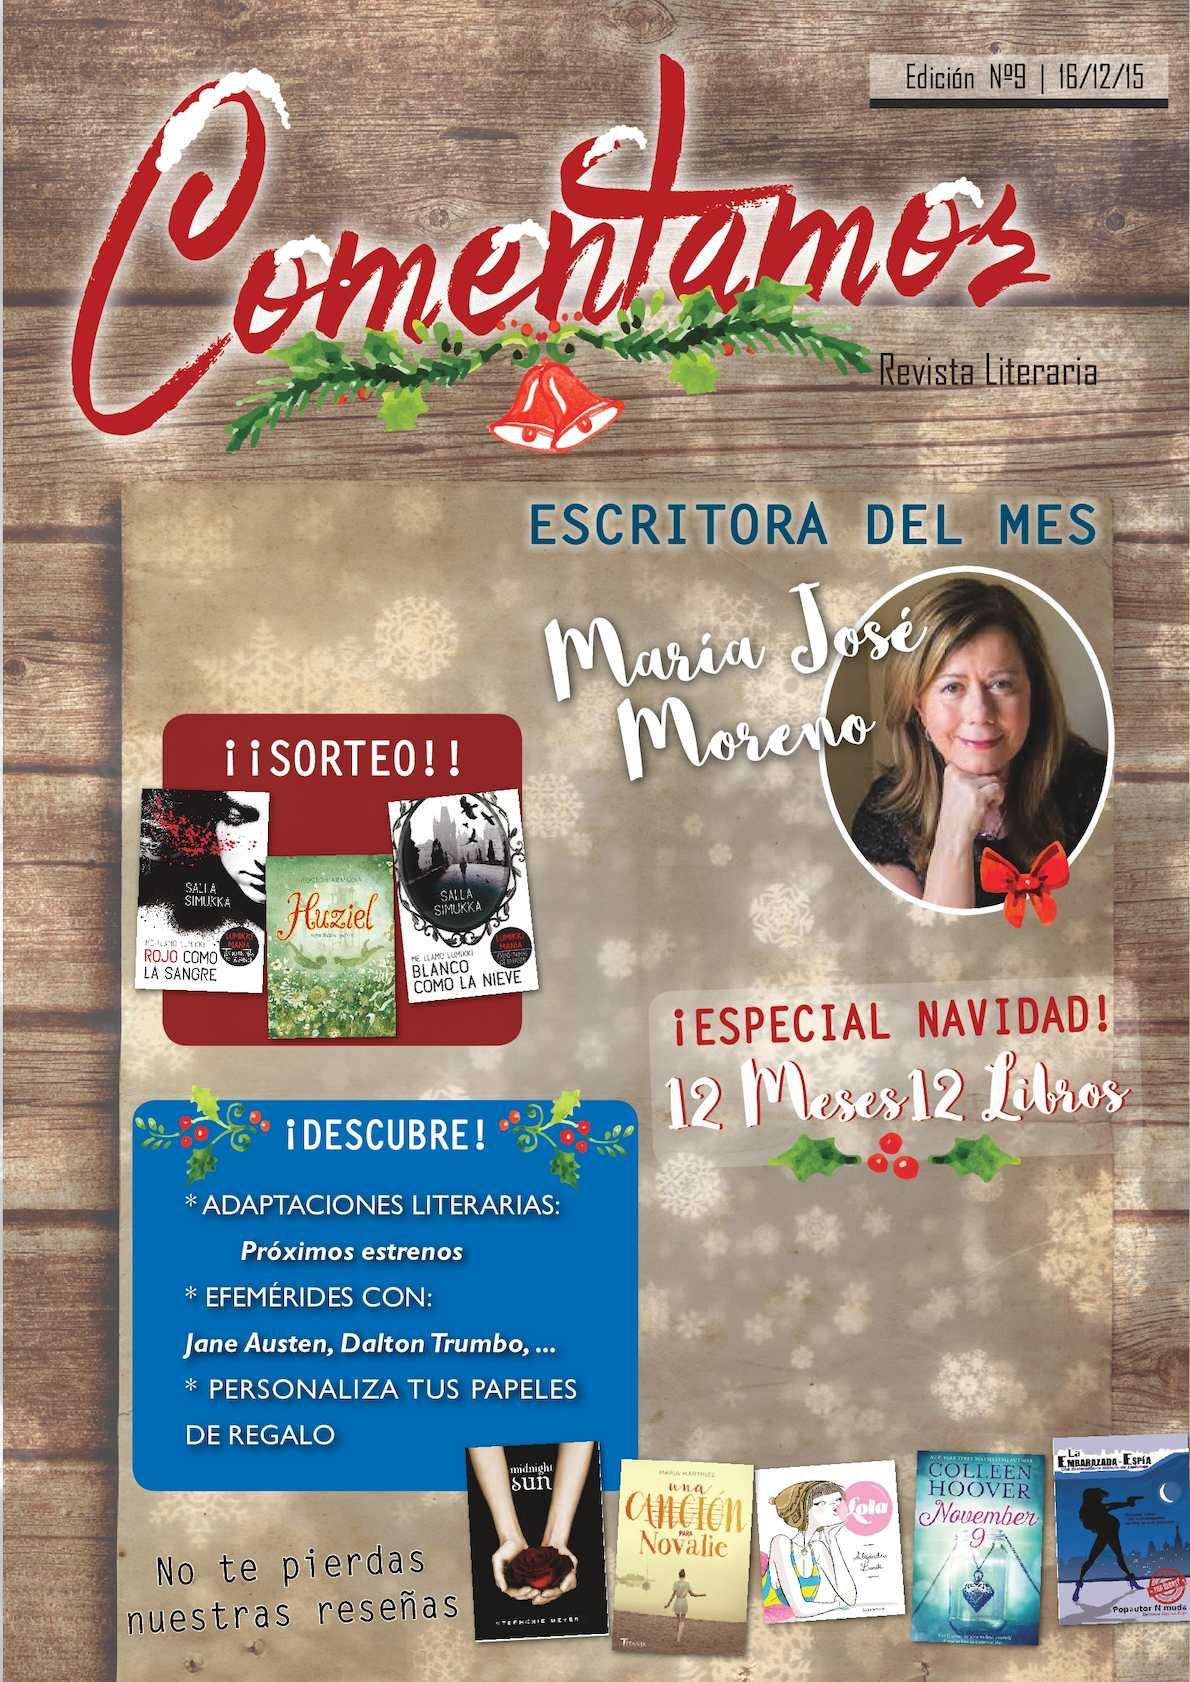 Calaméo - Revista Comentamos Diciembre 2015 (Pdf) b642af43bd4